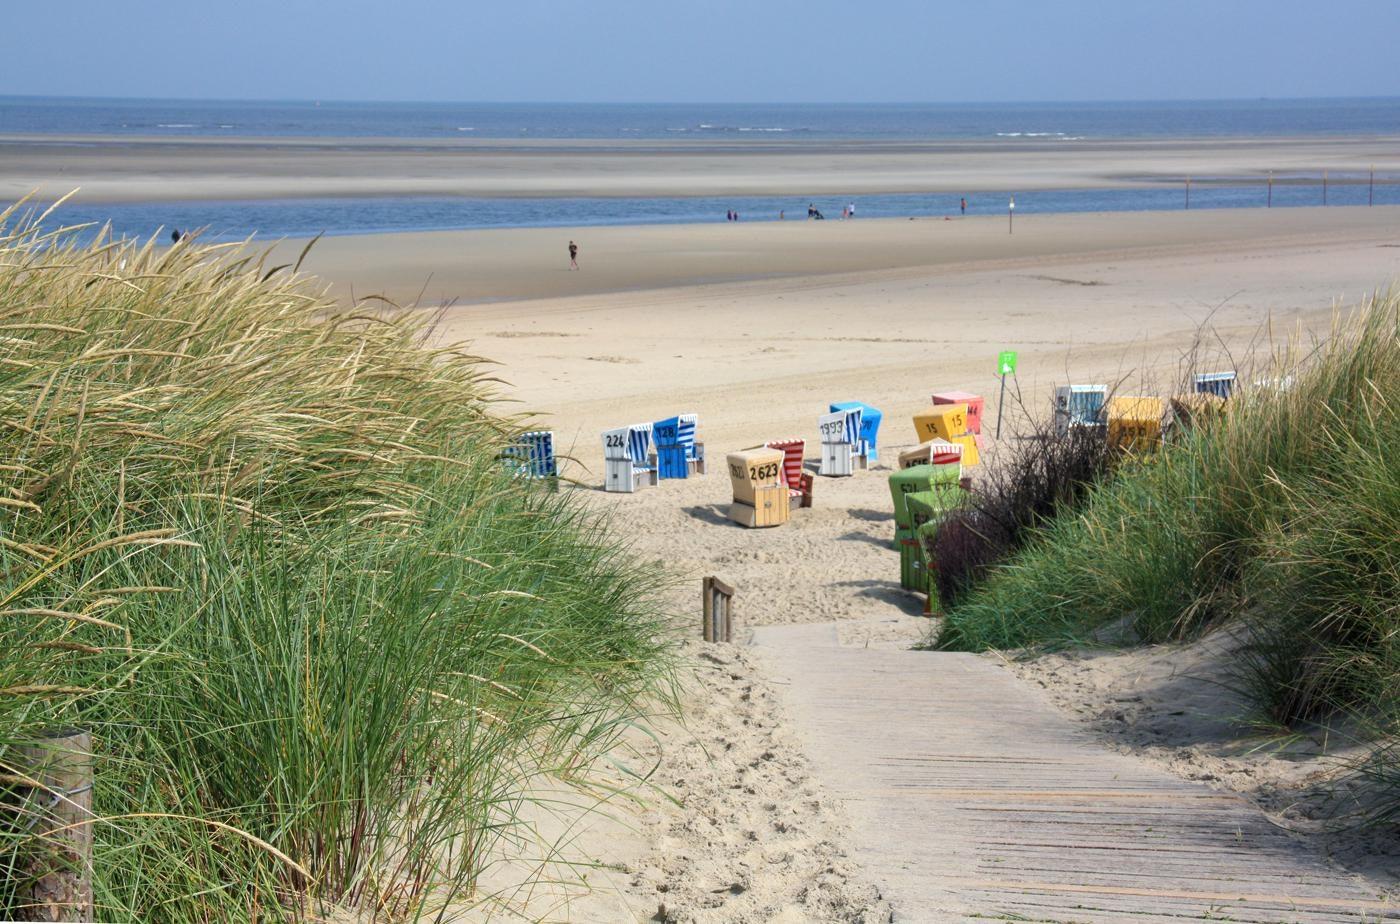 8-daagse fietsvakantie Oost-Friese eilanden